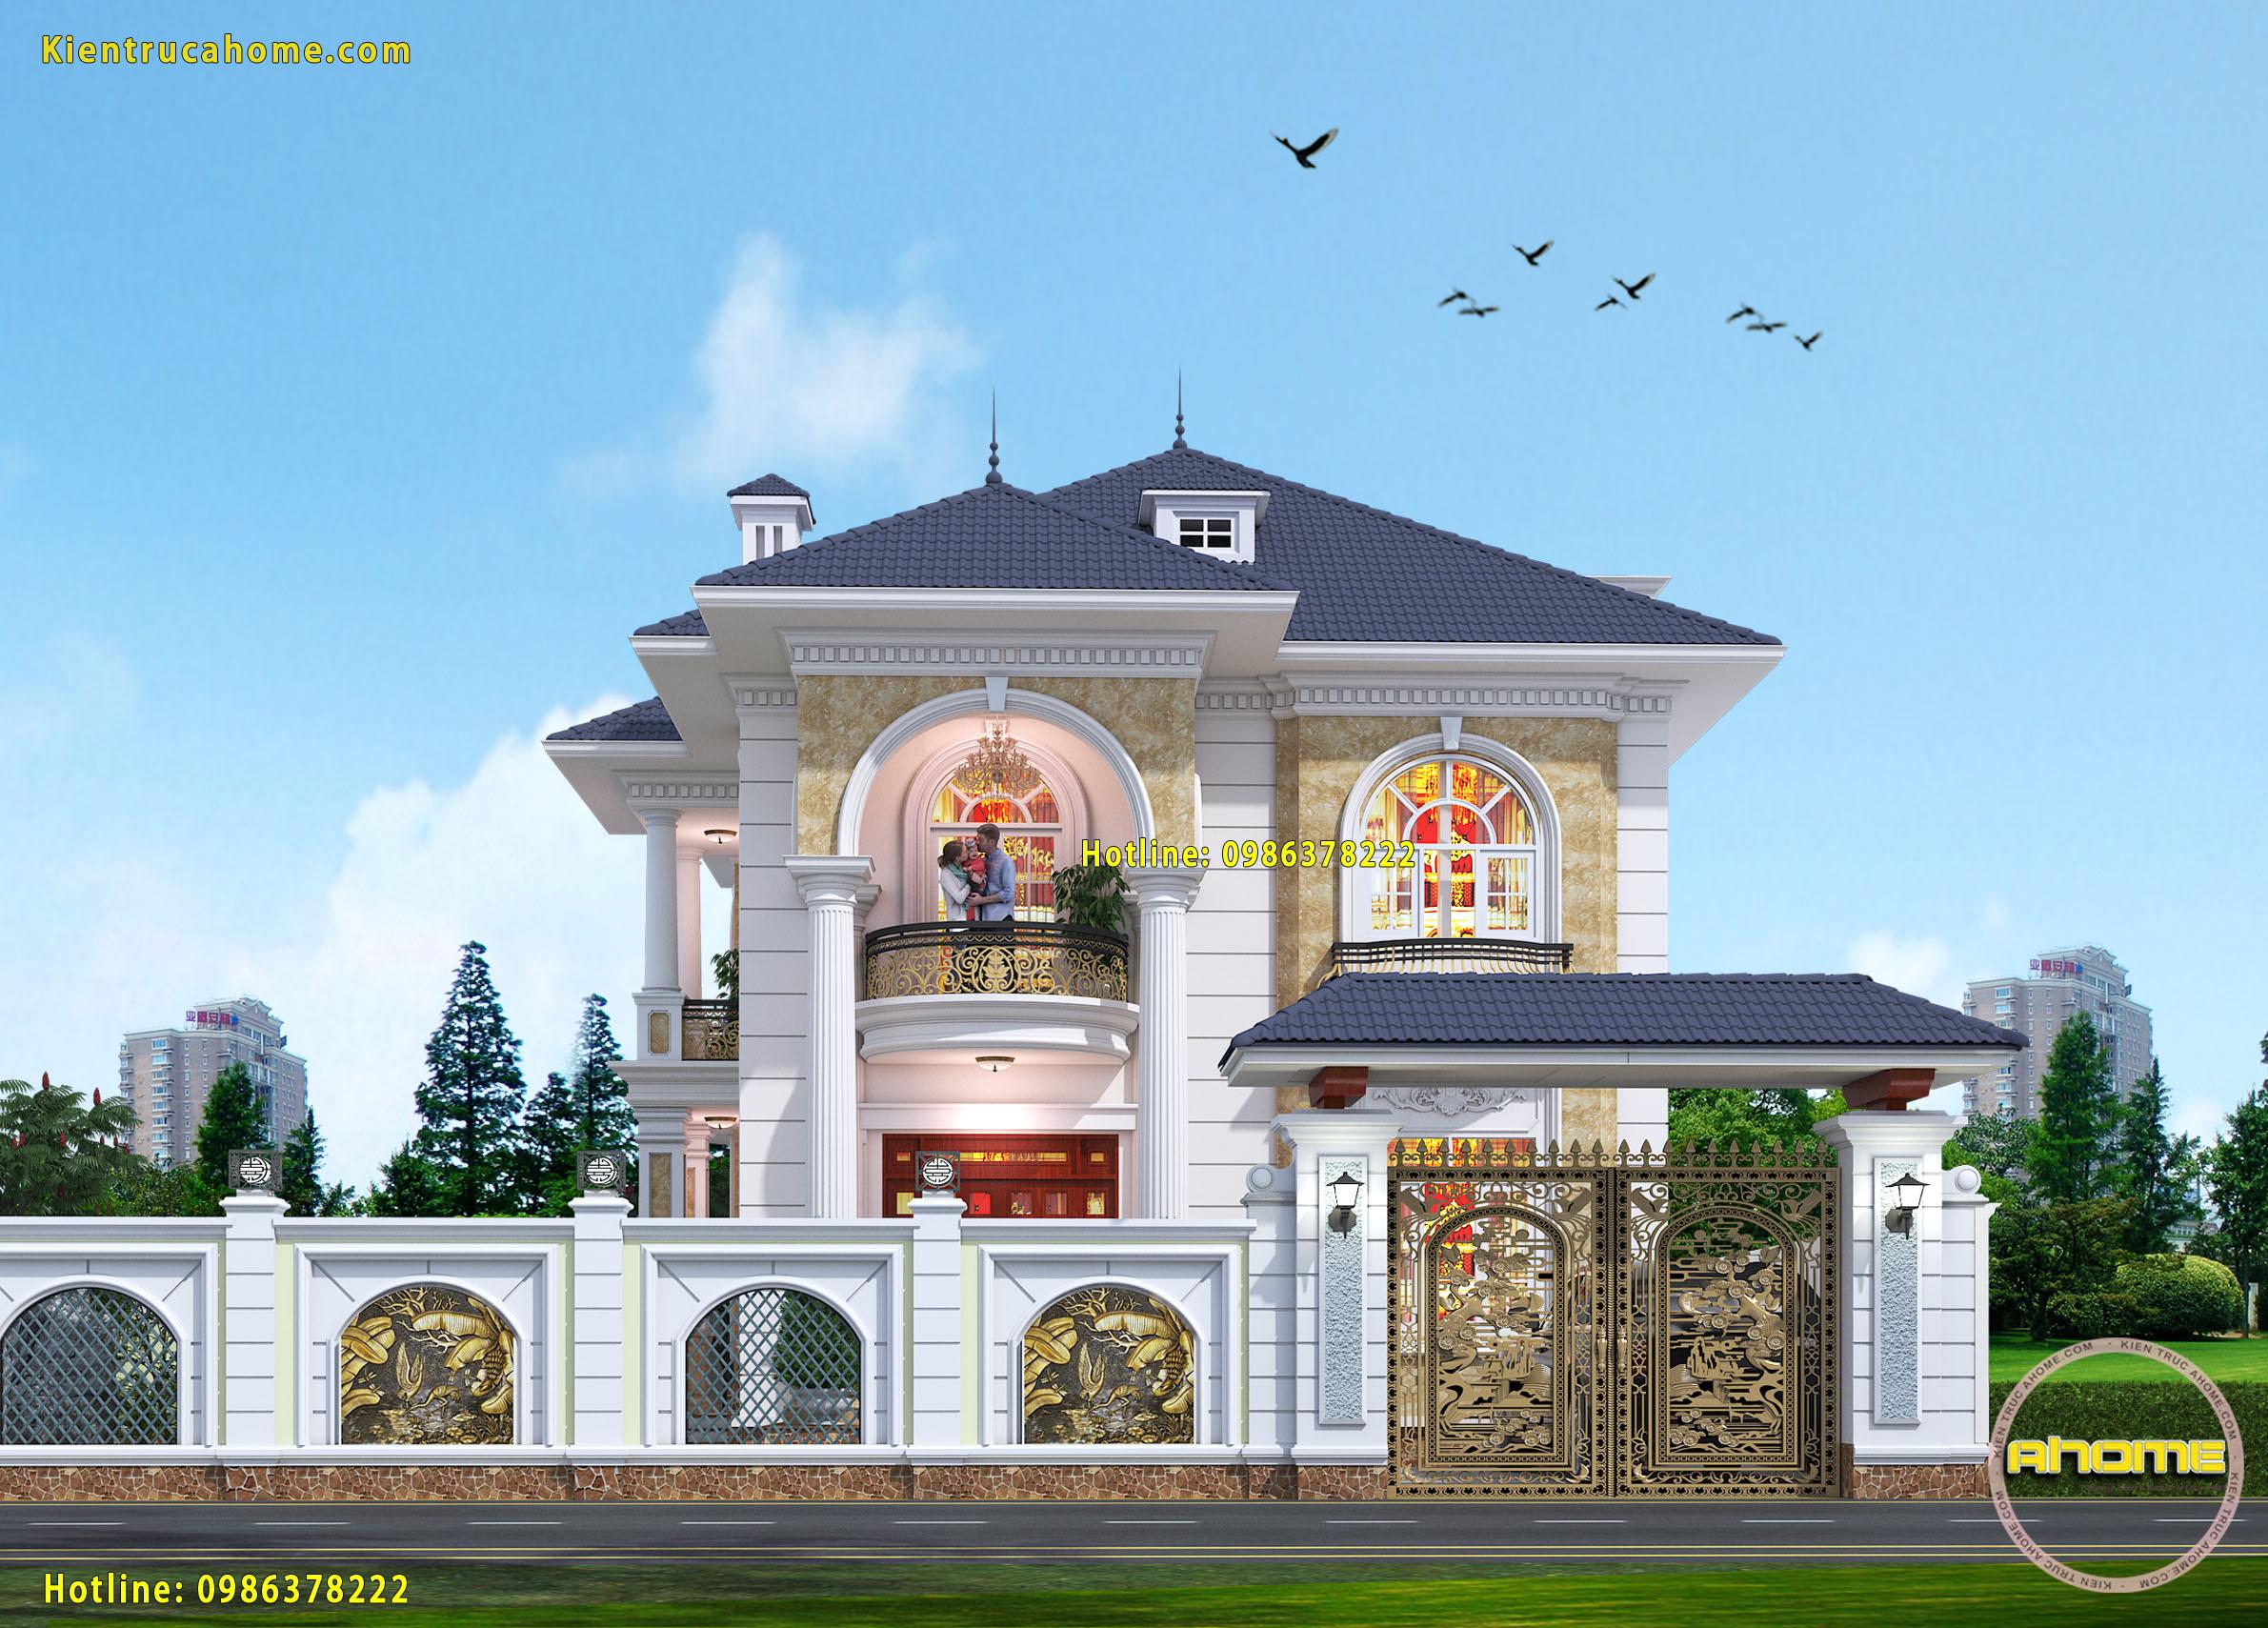 Mẫu biệt thự 2 tầng Tân cổ điển đẹp-2